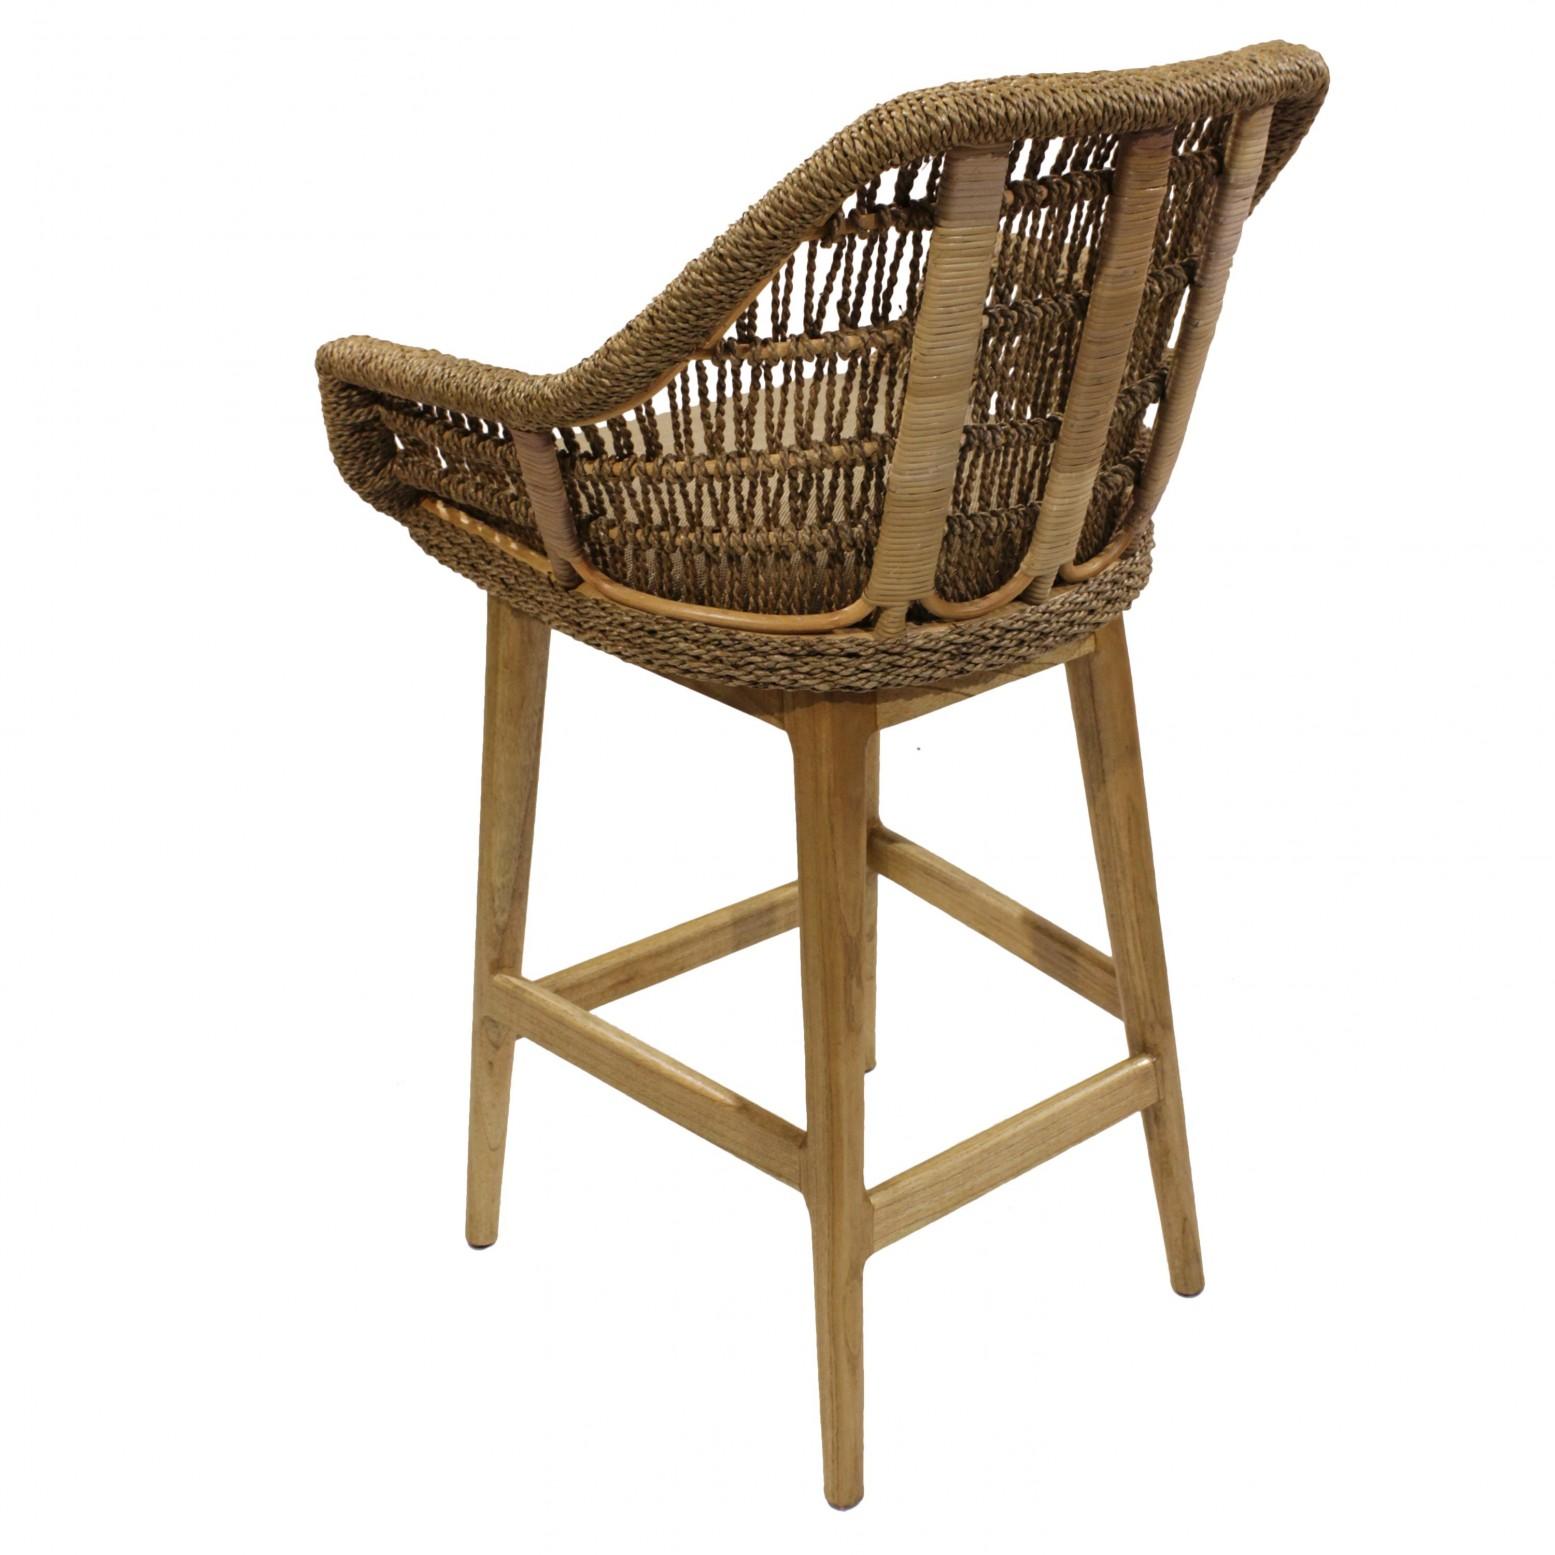 Surprising Leia Kd Rattan Bar Stool Natural Inzonedesignstudio Interior Chair Design Inzonedesignstudiocom